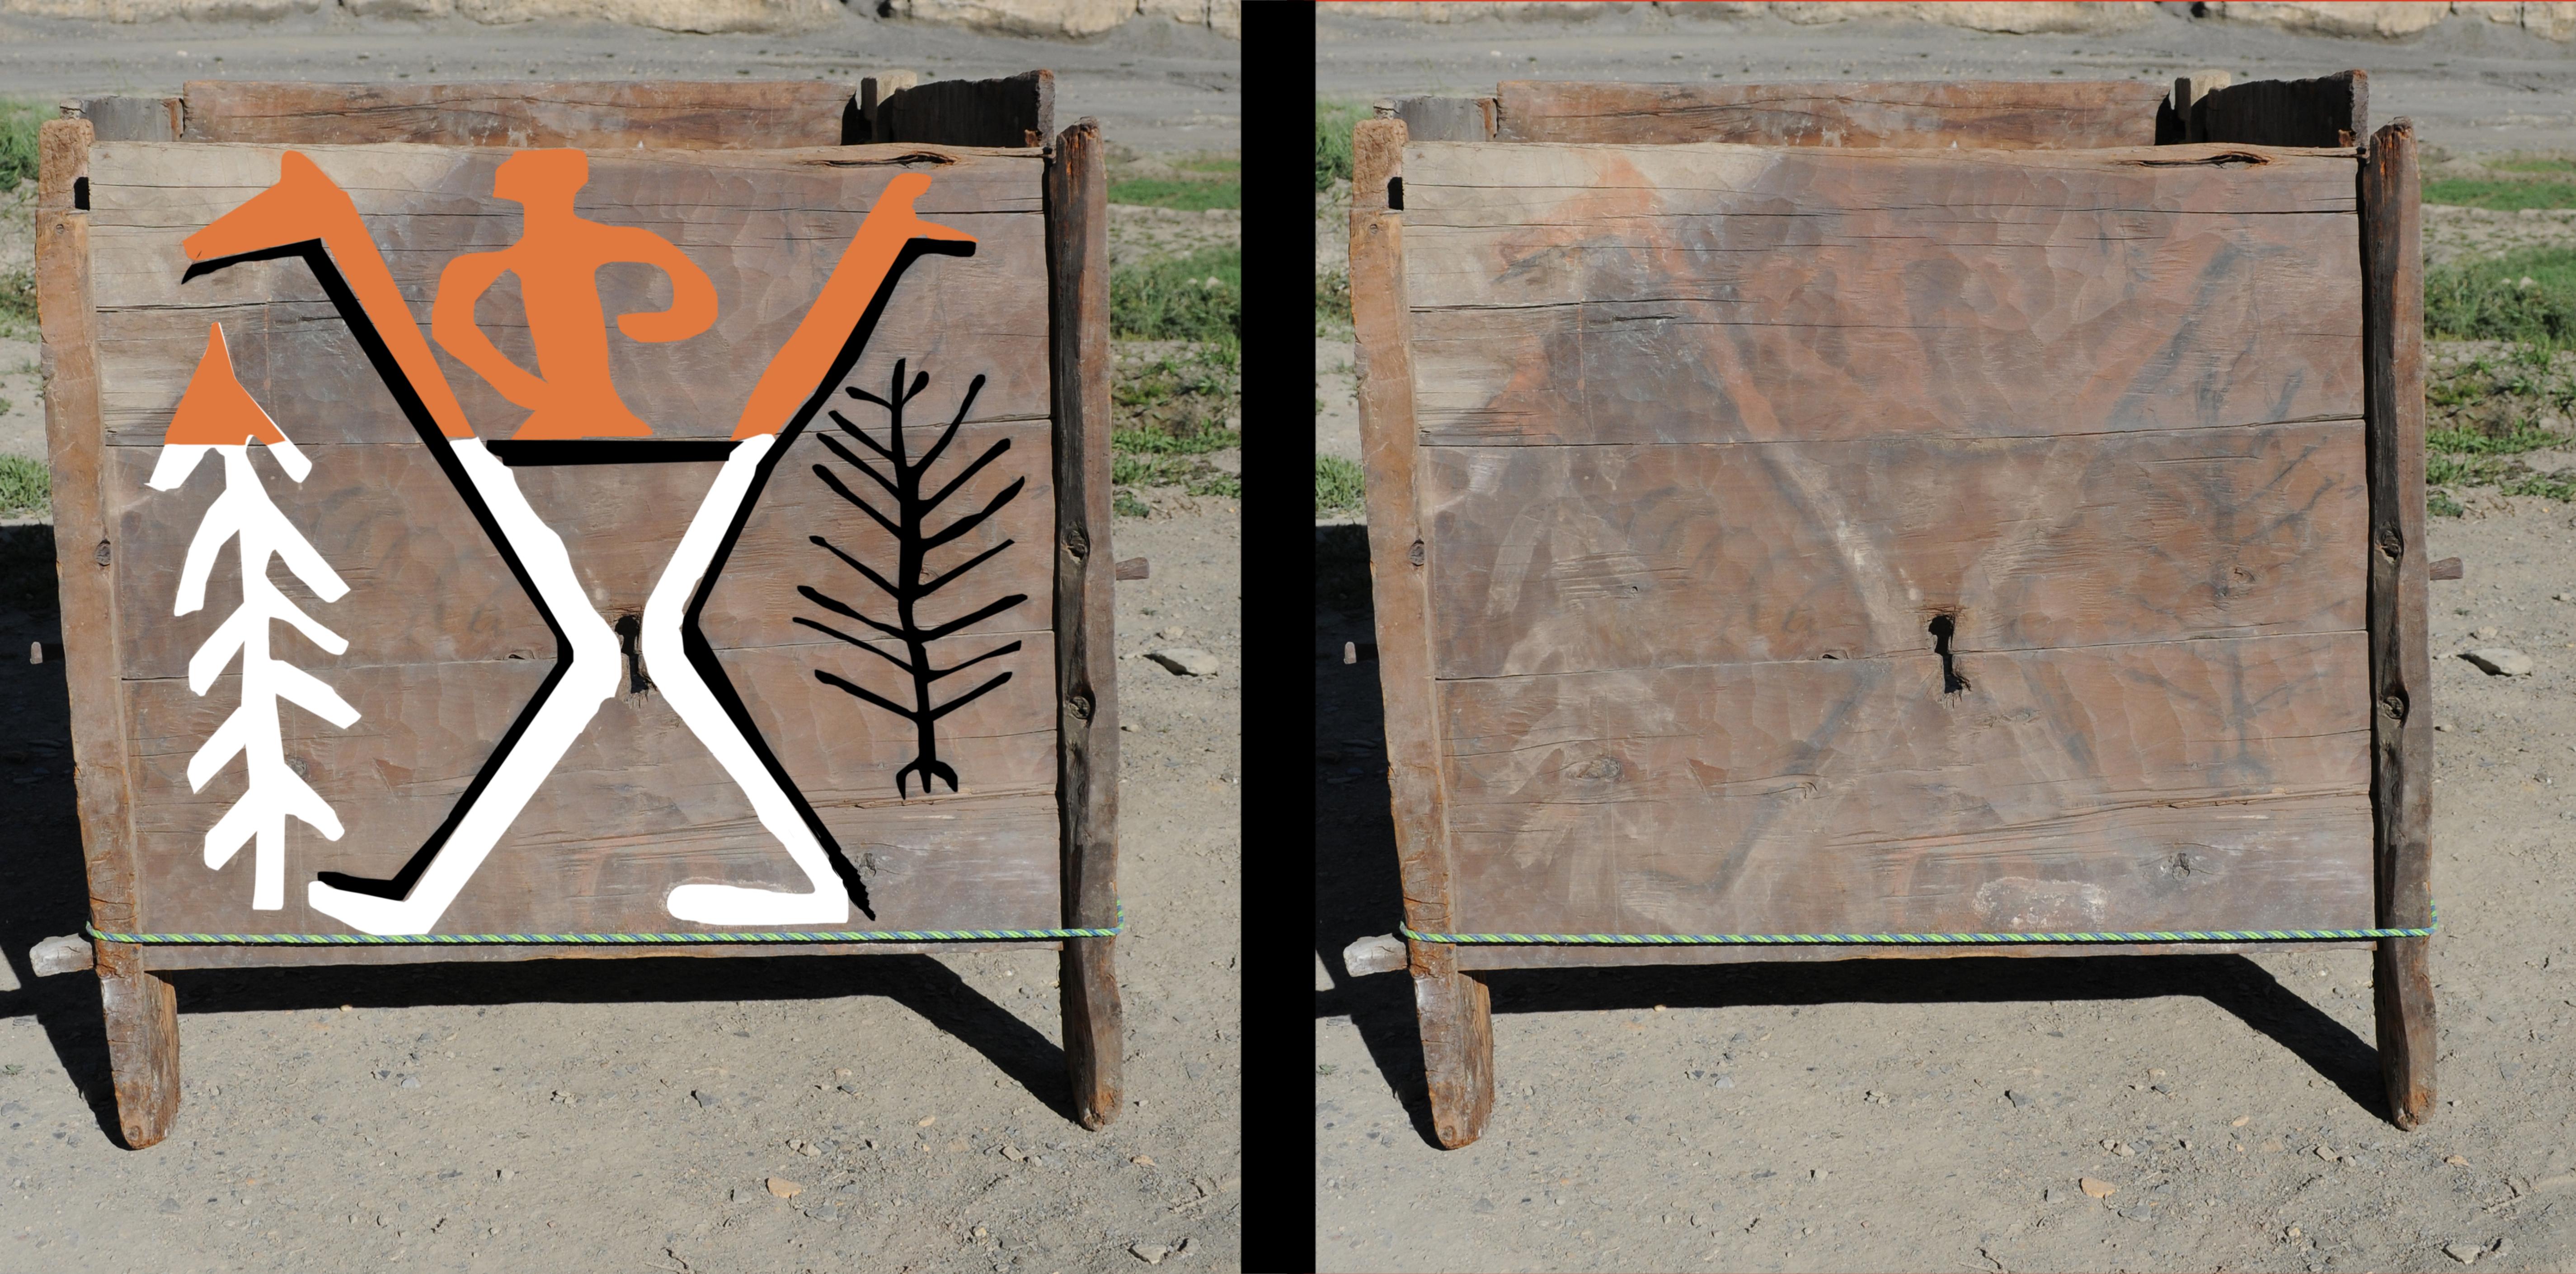 DIY Wood Rivets PDF Download how to build wood chair | grandiose35ekg